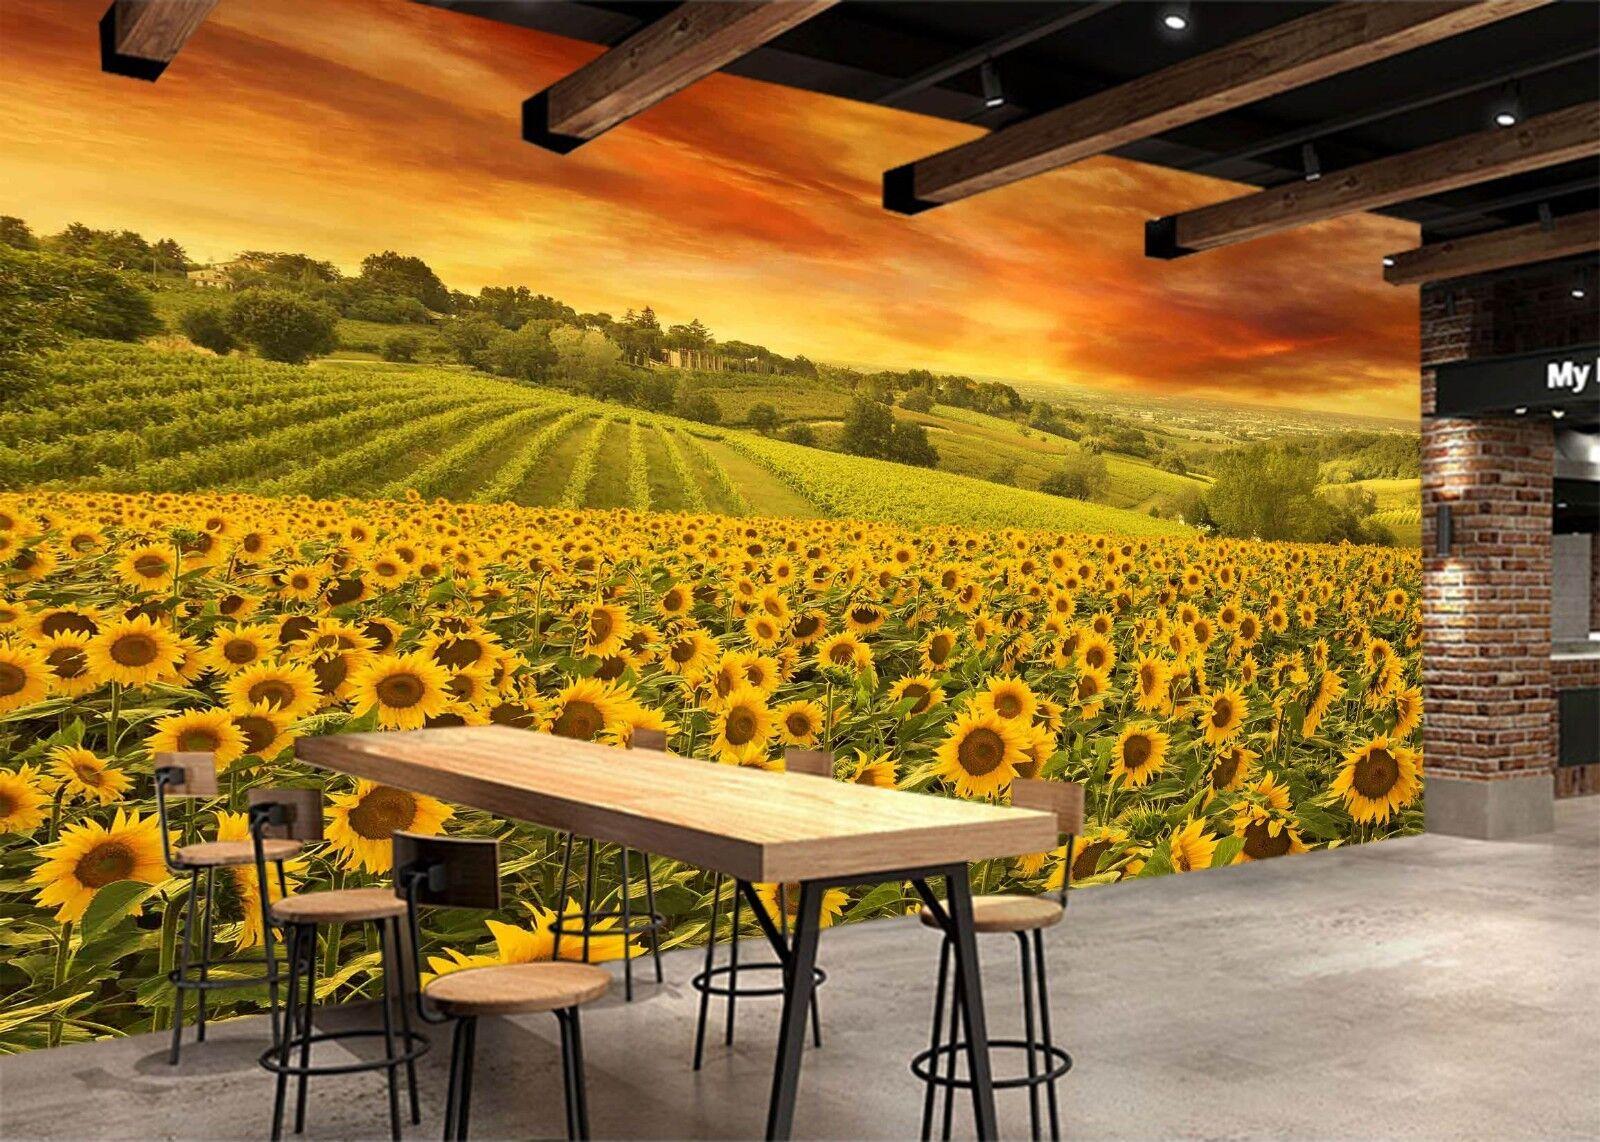 3D Sunflower Field 725 Wallpaper Mural Wall Print Wall Wallpaper Murals US Lemon